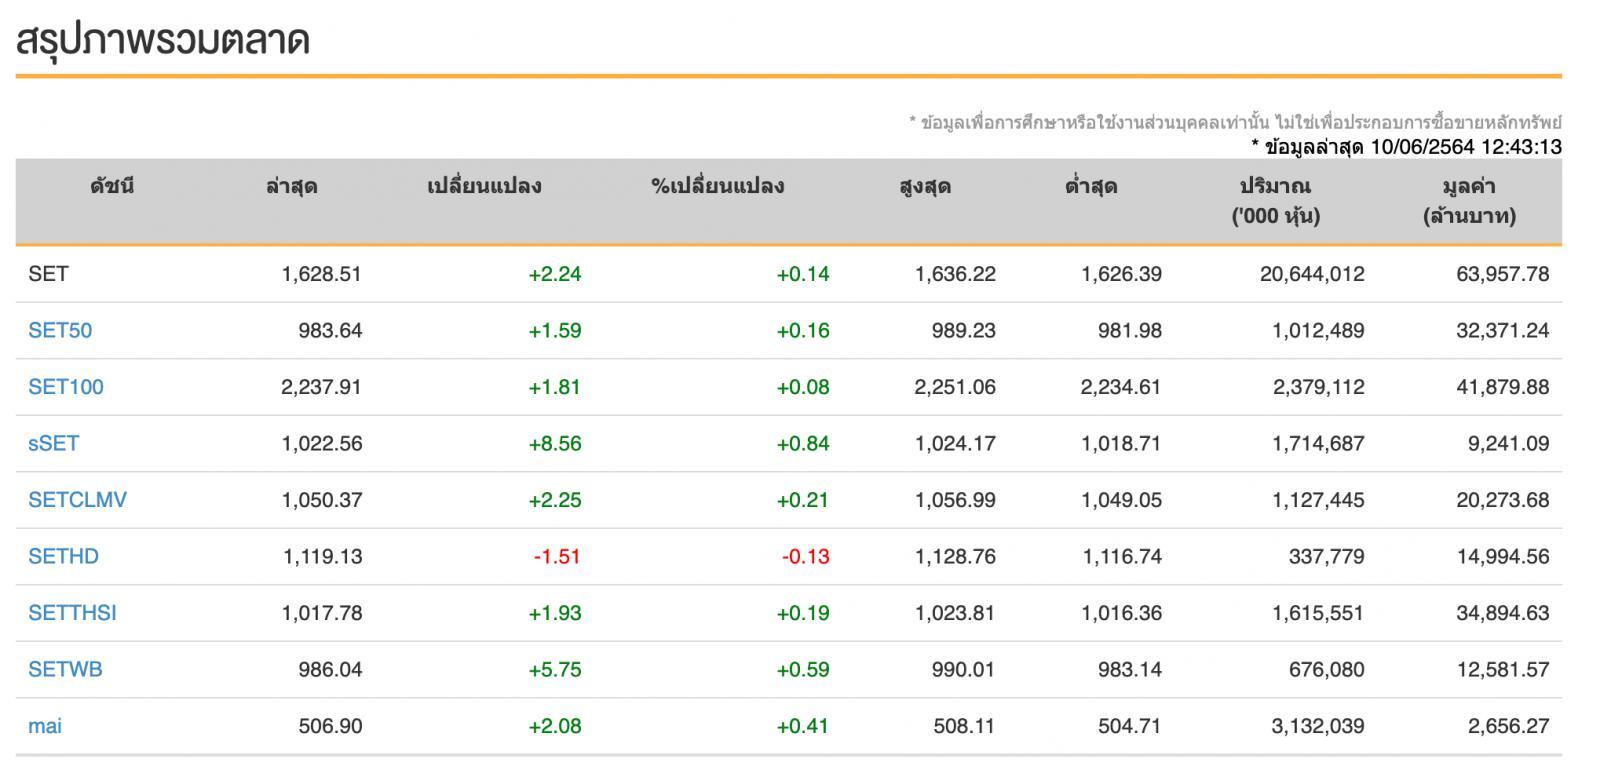 หุ้นไทย (10 มิ.ย.64) ปิดการซื้อขาย 1,625.27จุด ลดลง -1.00จุด